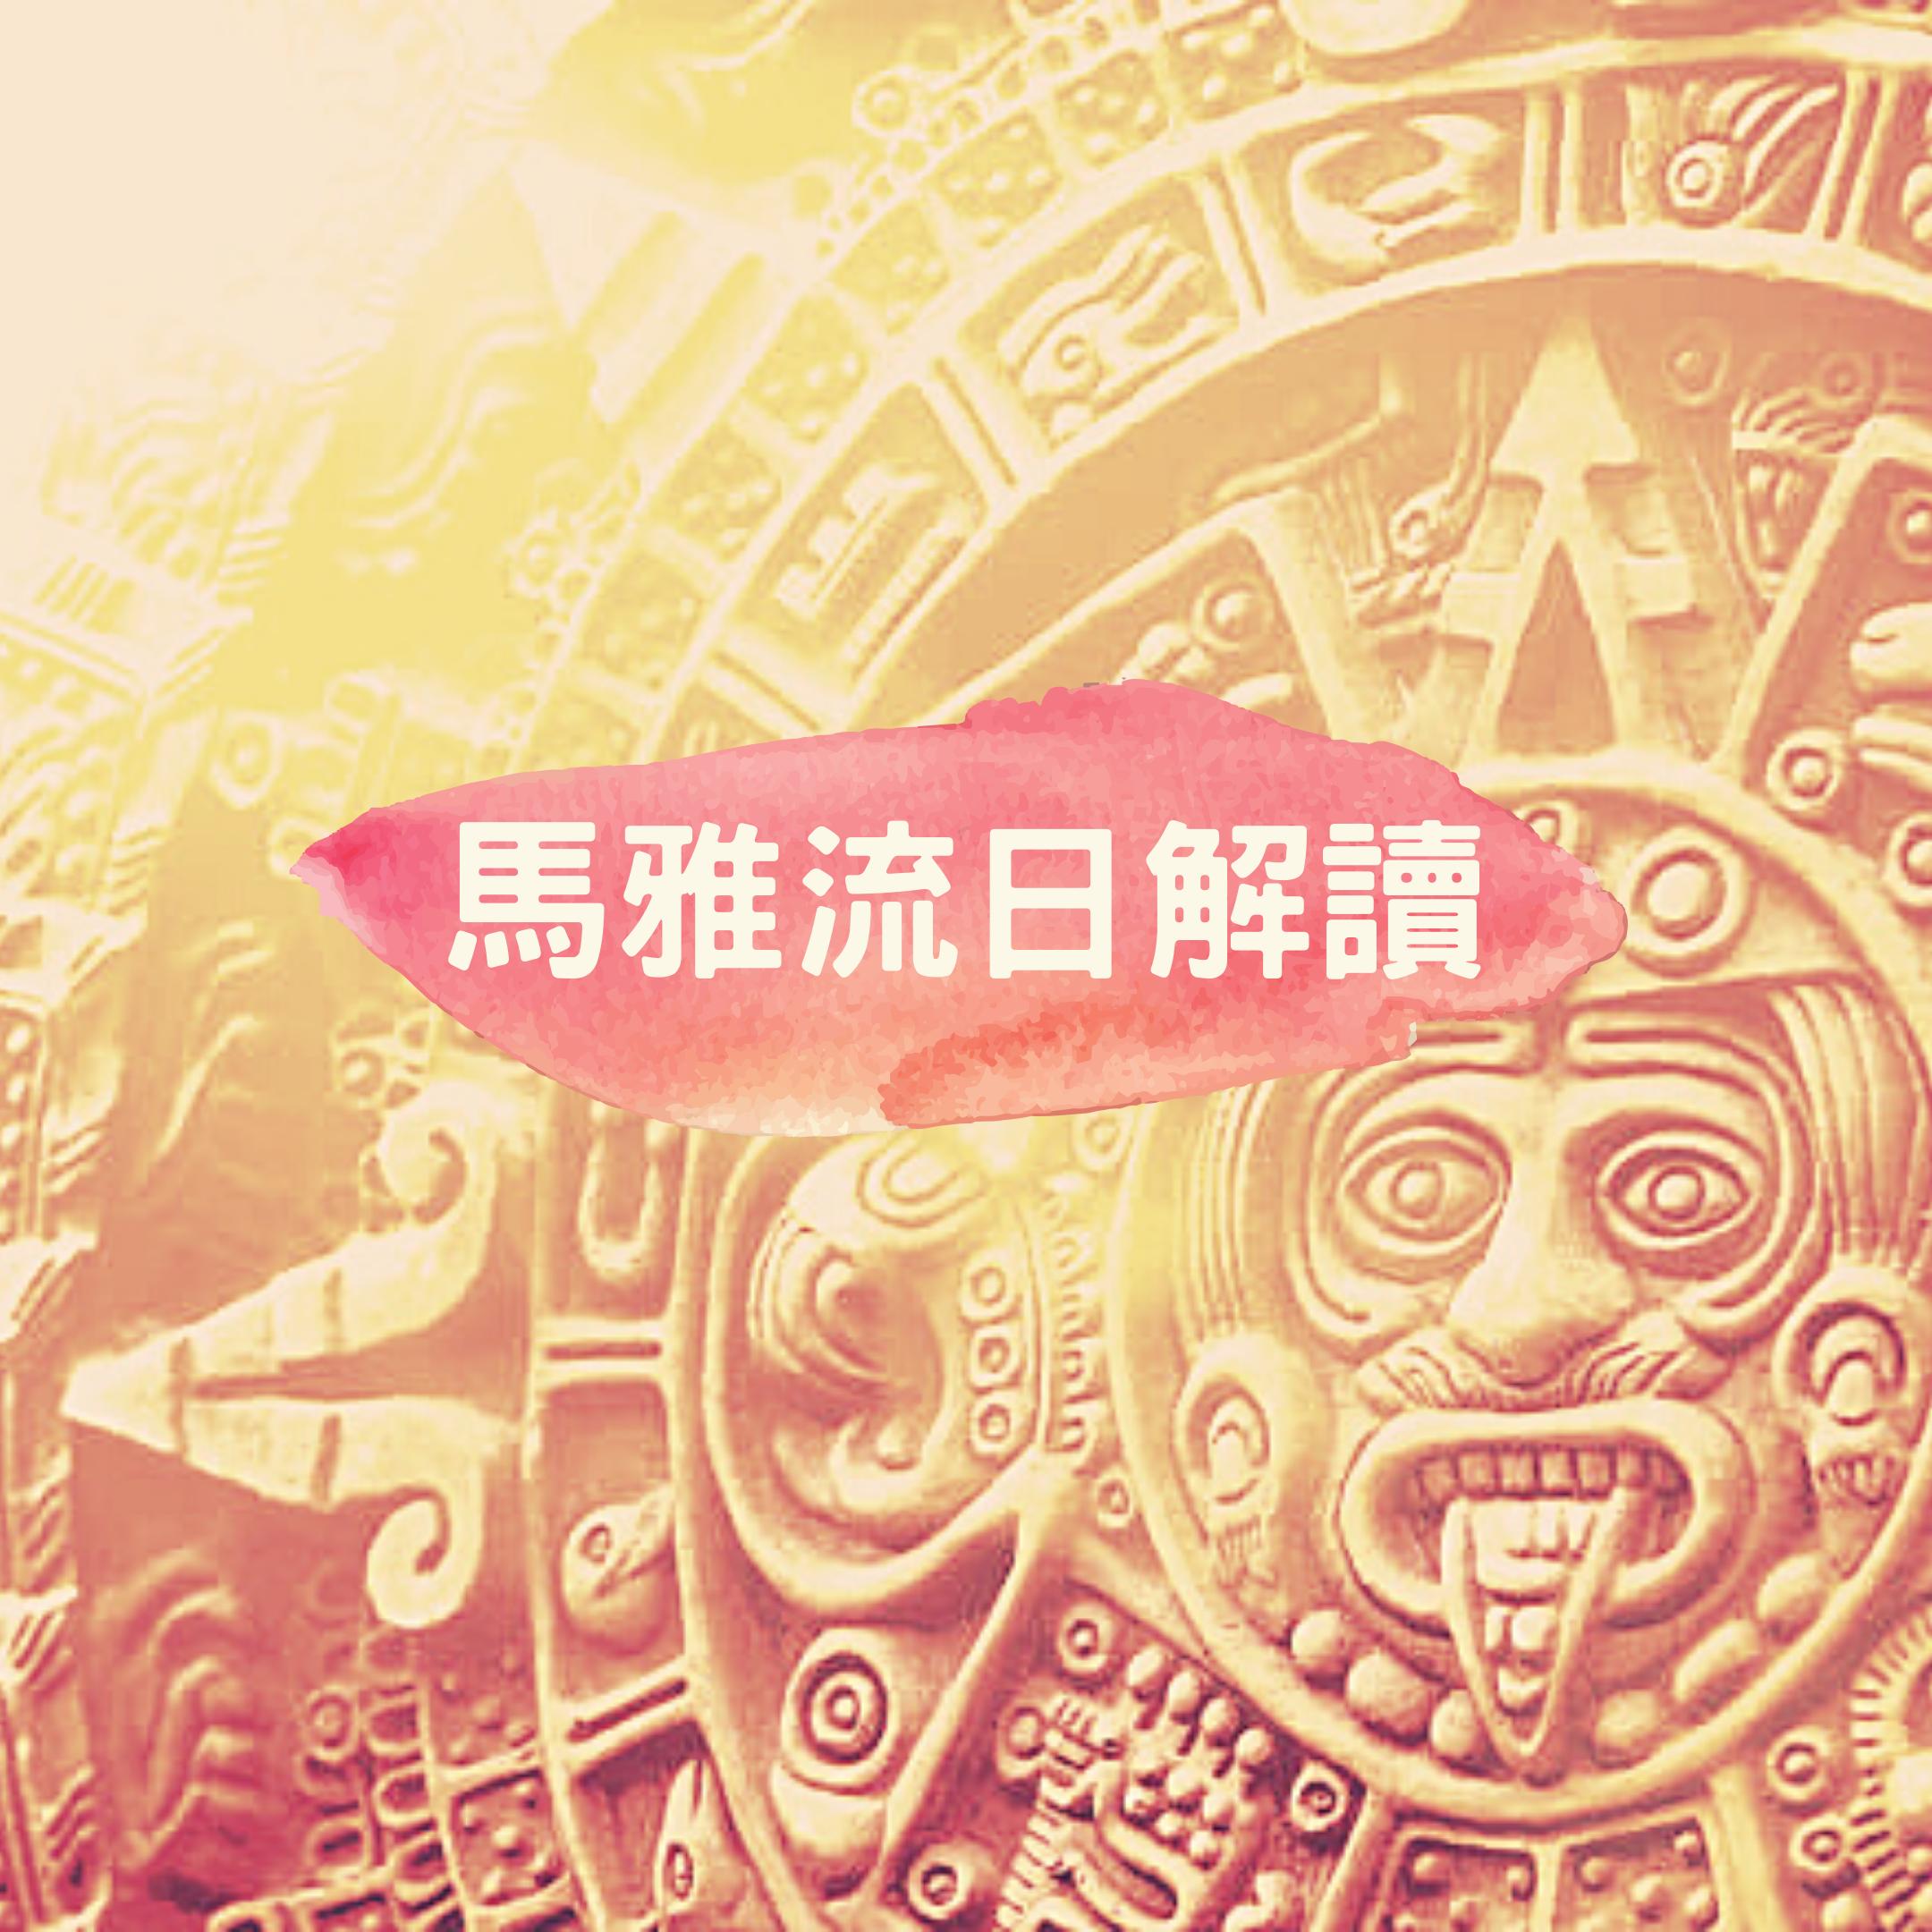 馬雅流日10.17|kin 202 共振白風